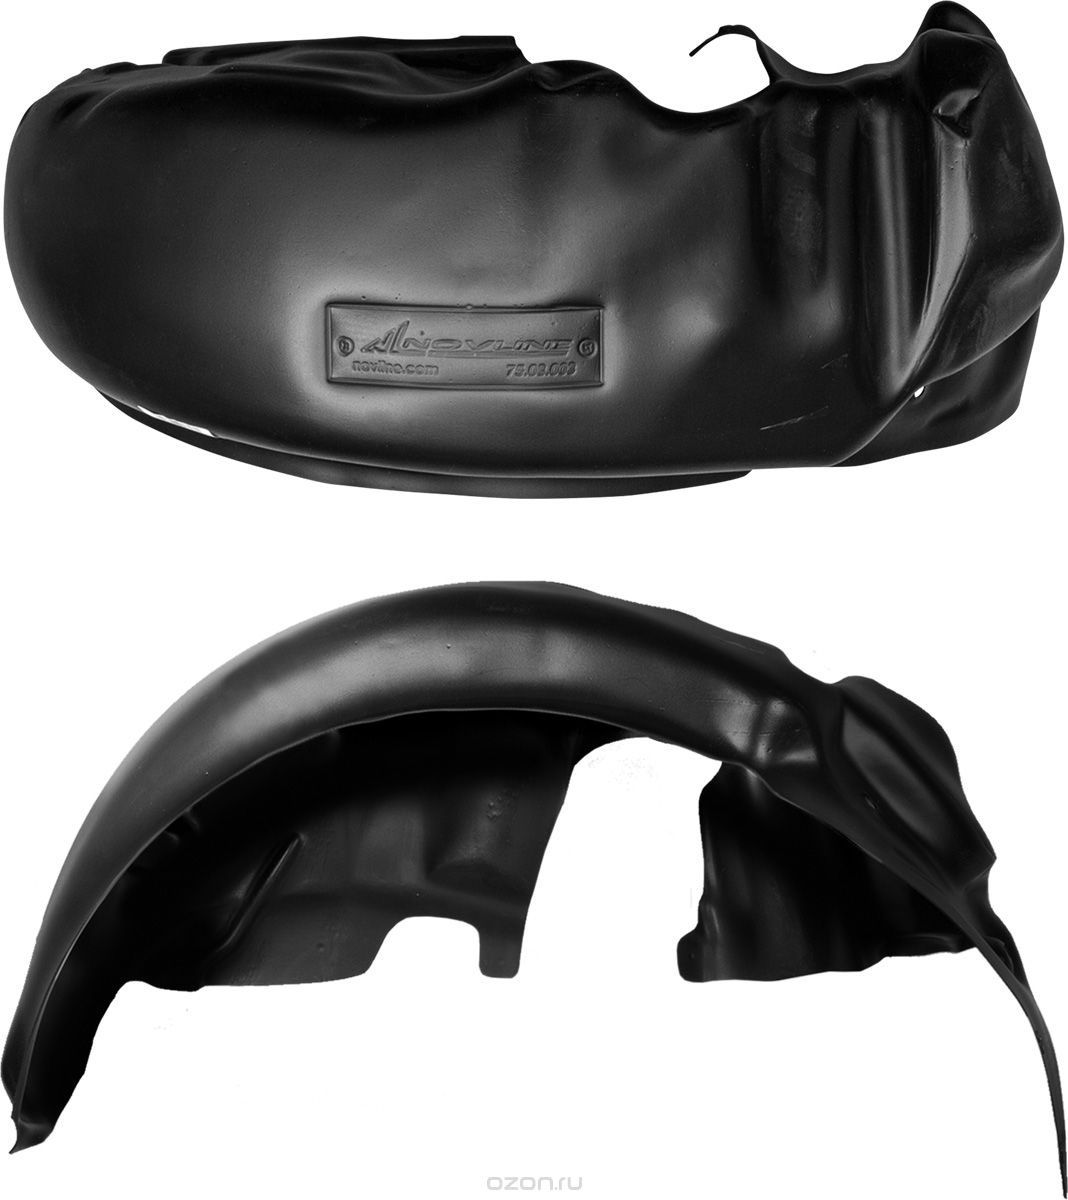 Подкрылок Novline-Autofamily, для Ford Focus 3, 04/2011-2015, 2015->, седан, хэтчбек, задний правыйNLL.16.32.004Идеальная защита колесной ниши. Локеры разработаны с применением цифровых технологий, гарантируют максимальную повторяемость поверхности арки. Изделия устанавливаются без нарушения лакокрасочного покрытия автомобиля, каждый подкрылок комплектуется крепежом. Уважаемые клиенты, обращаем ваше внимание, что фотографии на подкрылки универсальные и не отражают реальную форму изделия. При этом само изделие идет точно под размер указанного автомобиля.